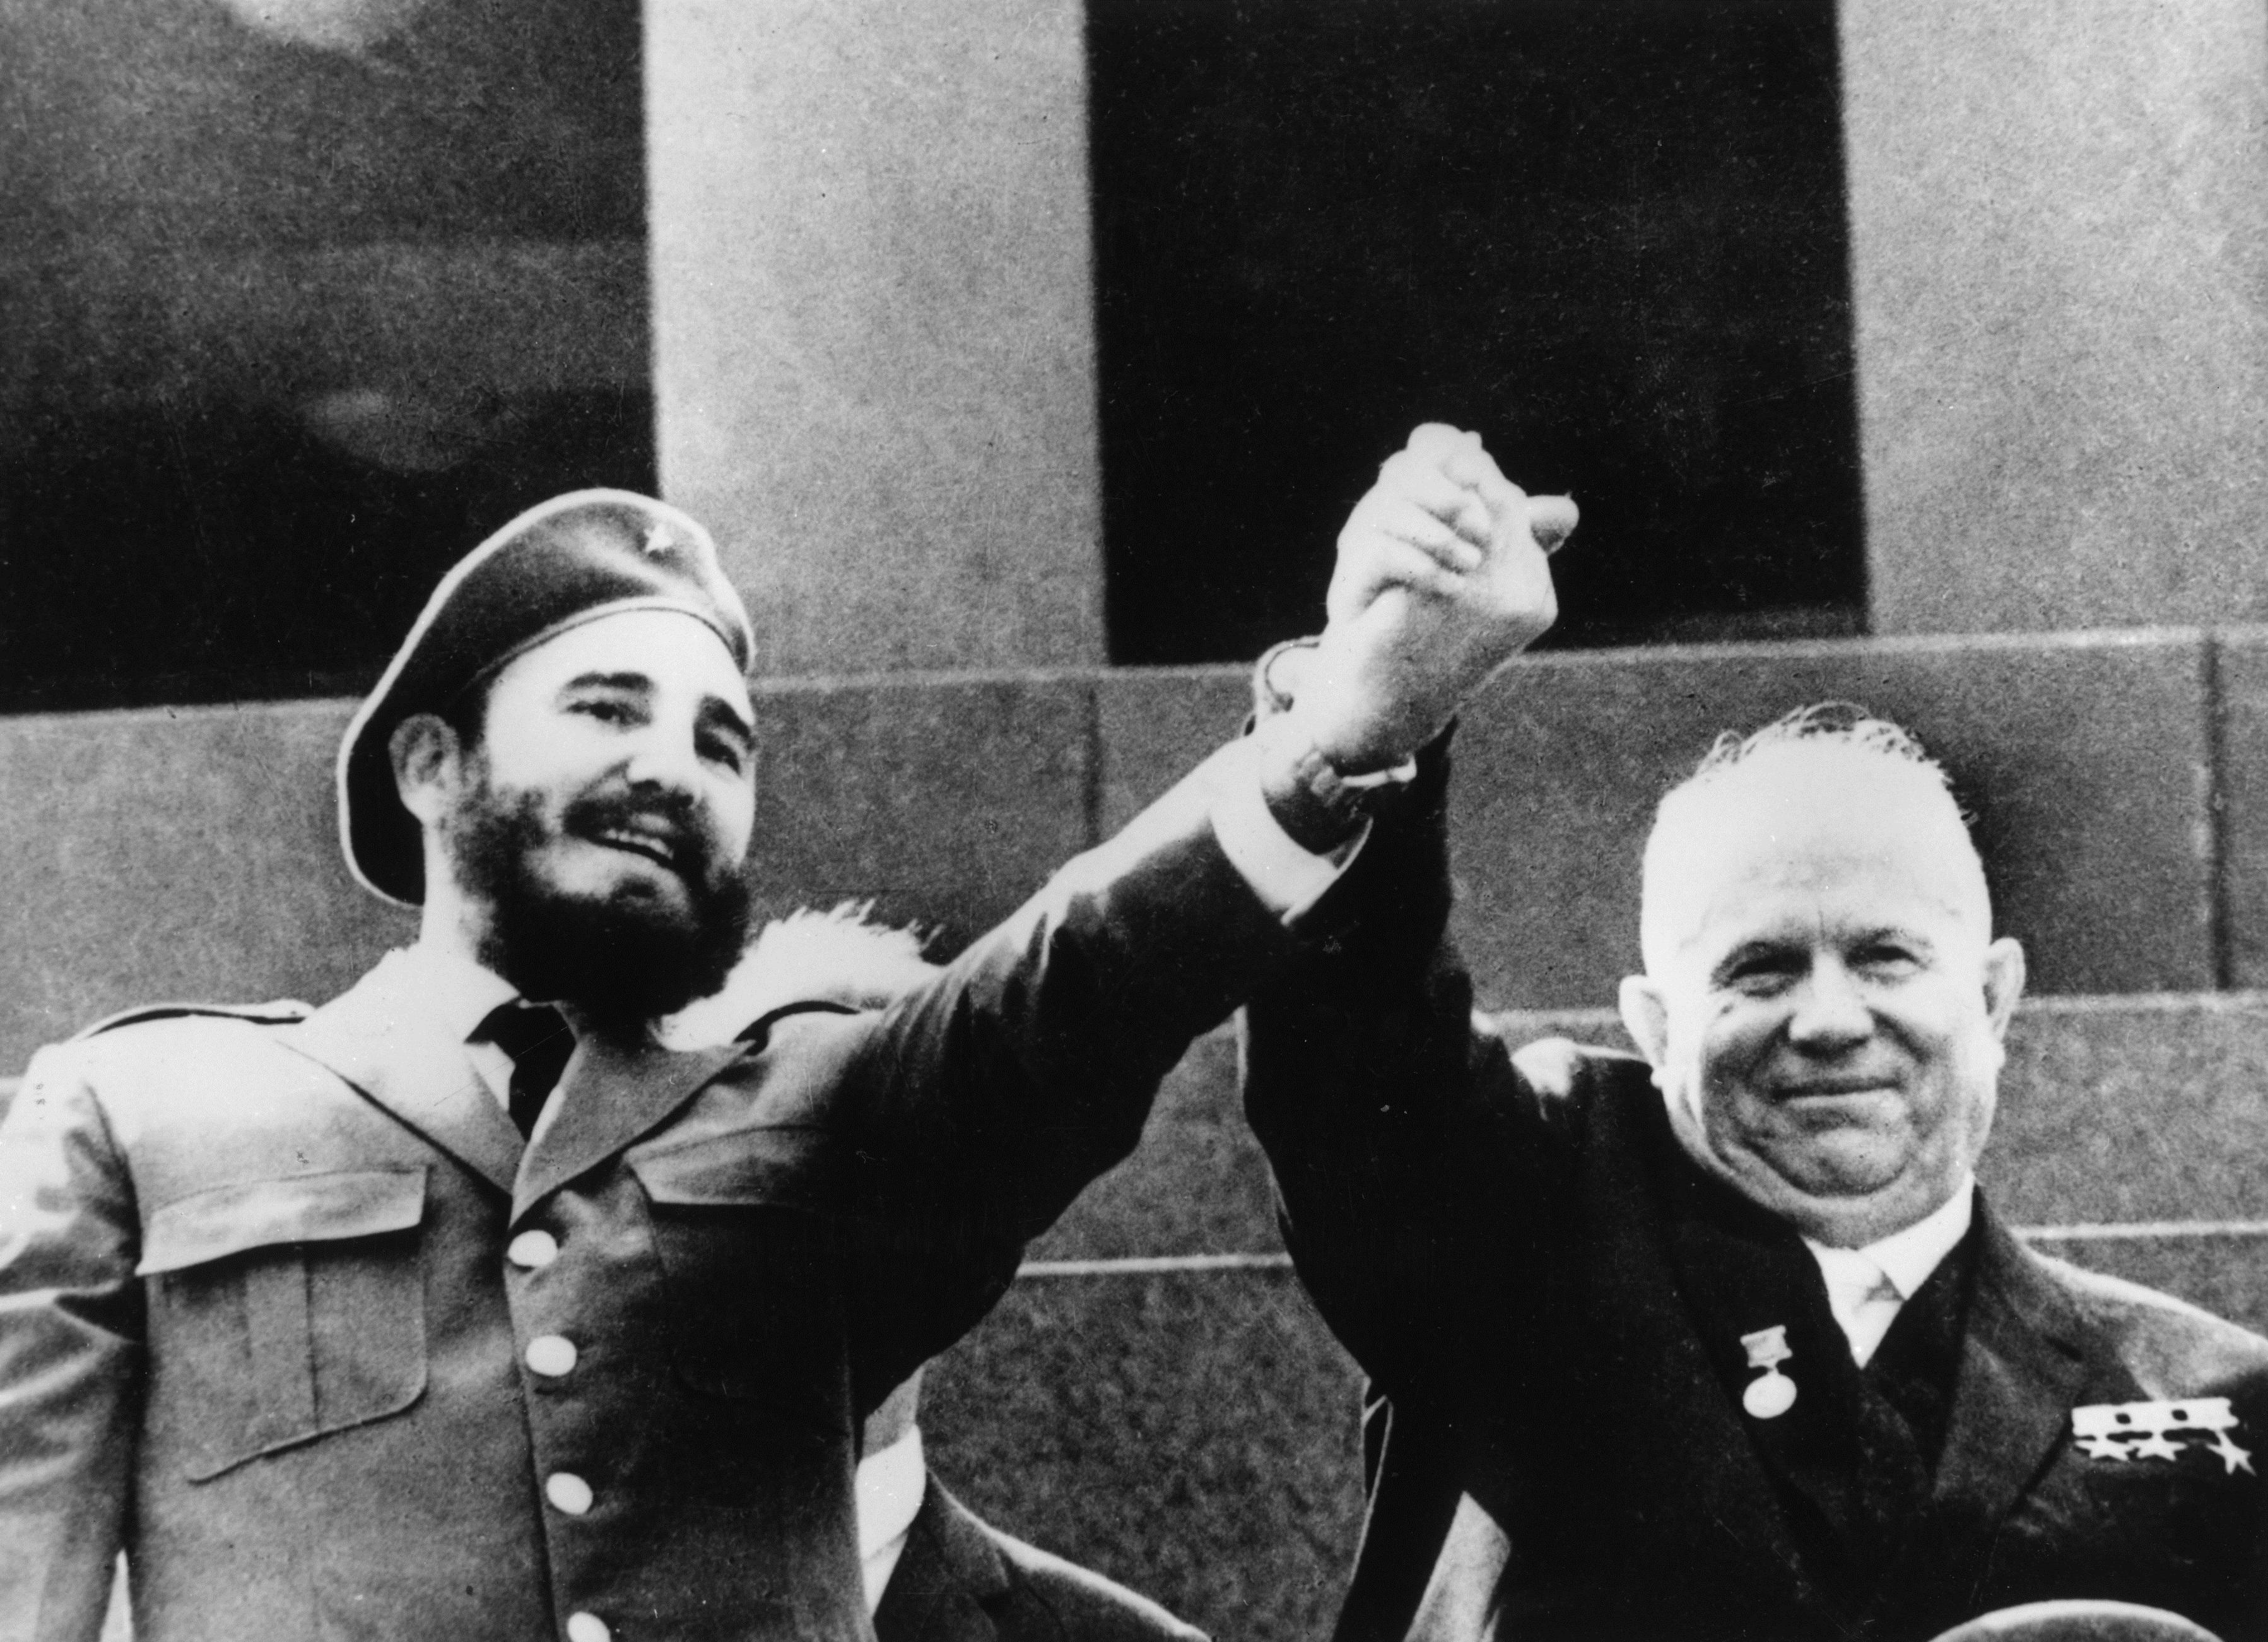 7 май 1964 г. - Фидел кастро и премиерът на СССР Никита Хрушчов в мавзолея на Ленин на Червения площад в Москва.